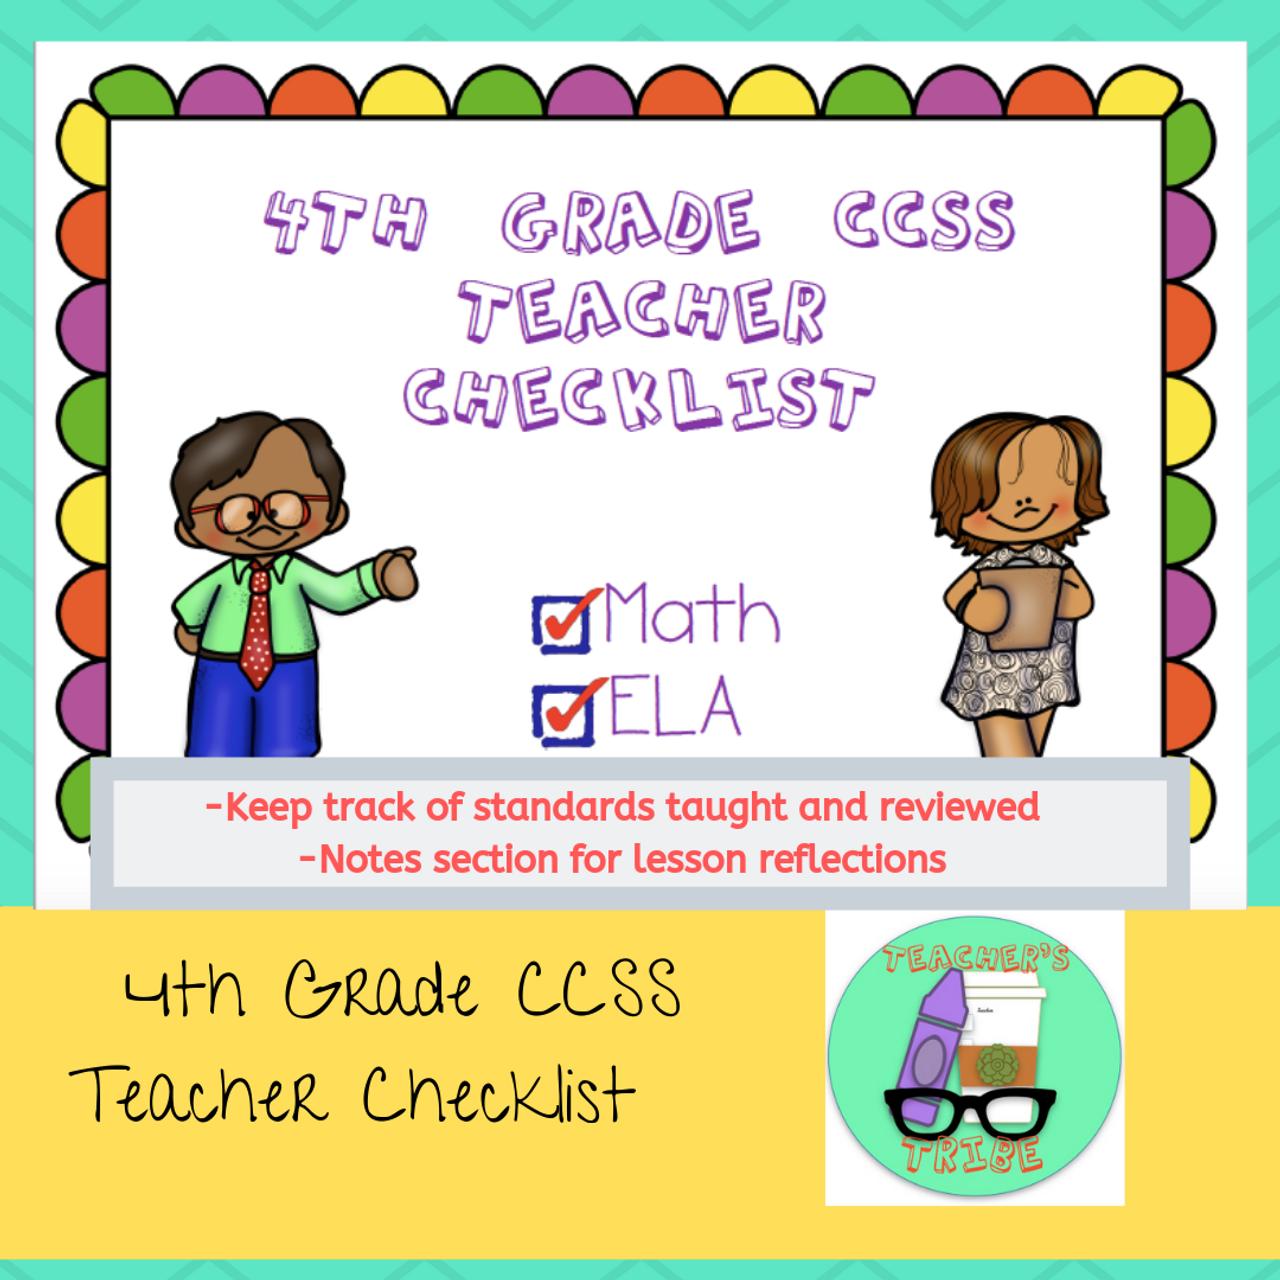 CCSS 4th Grade Standards Teacher Checklist